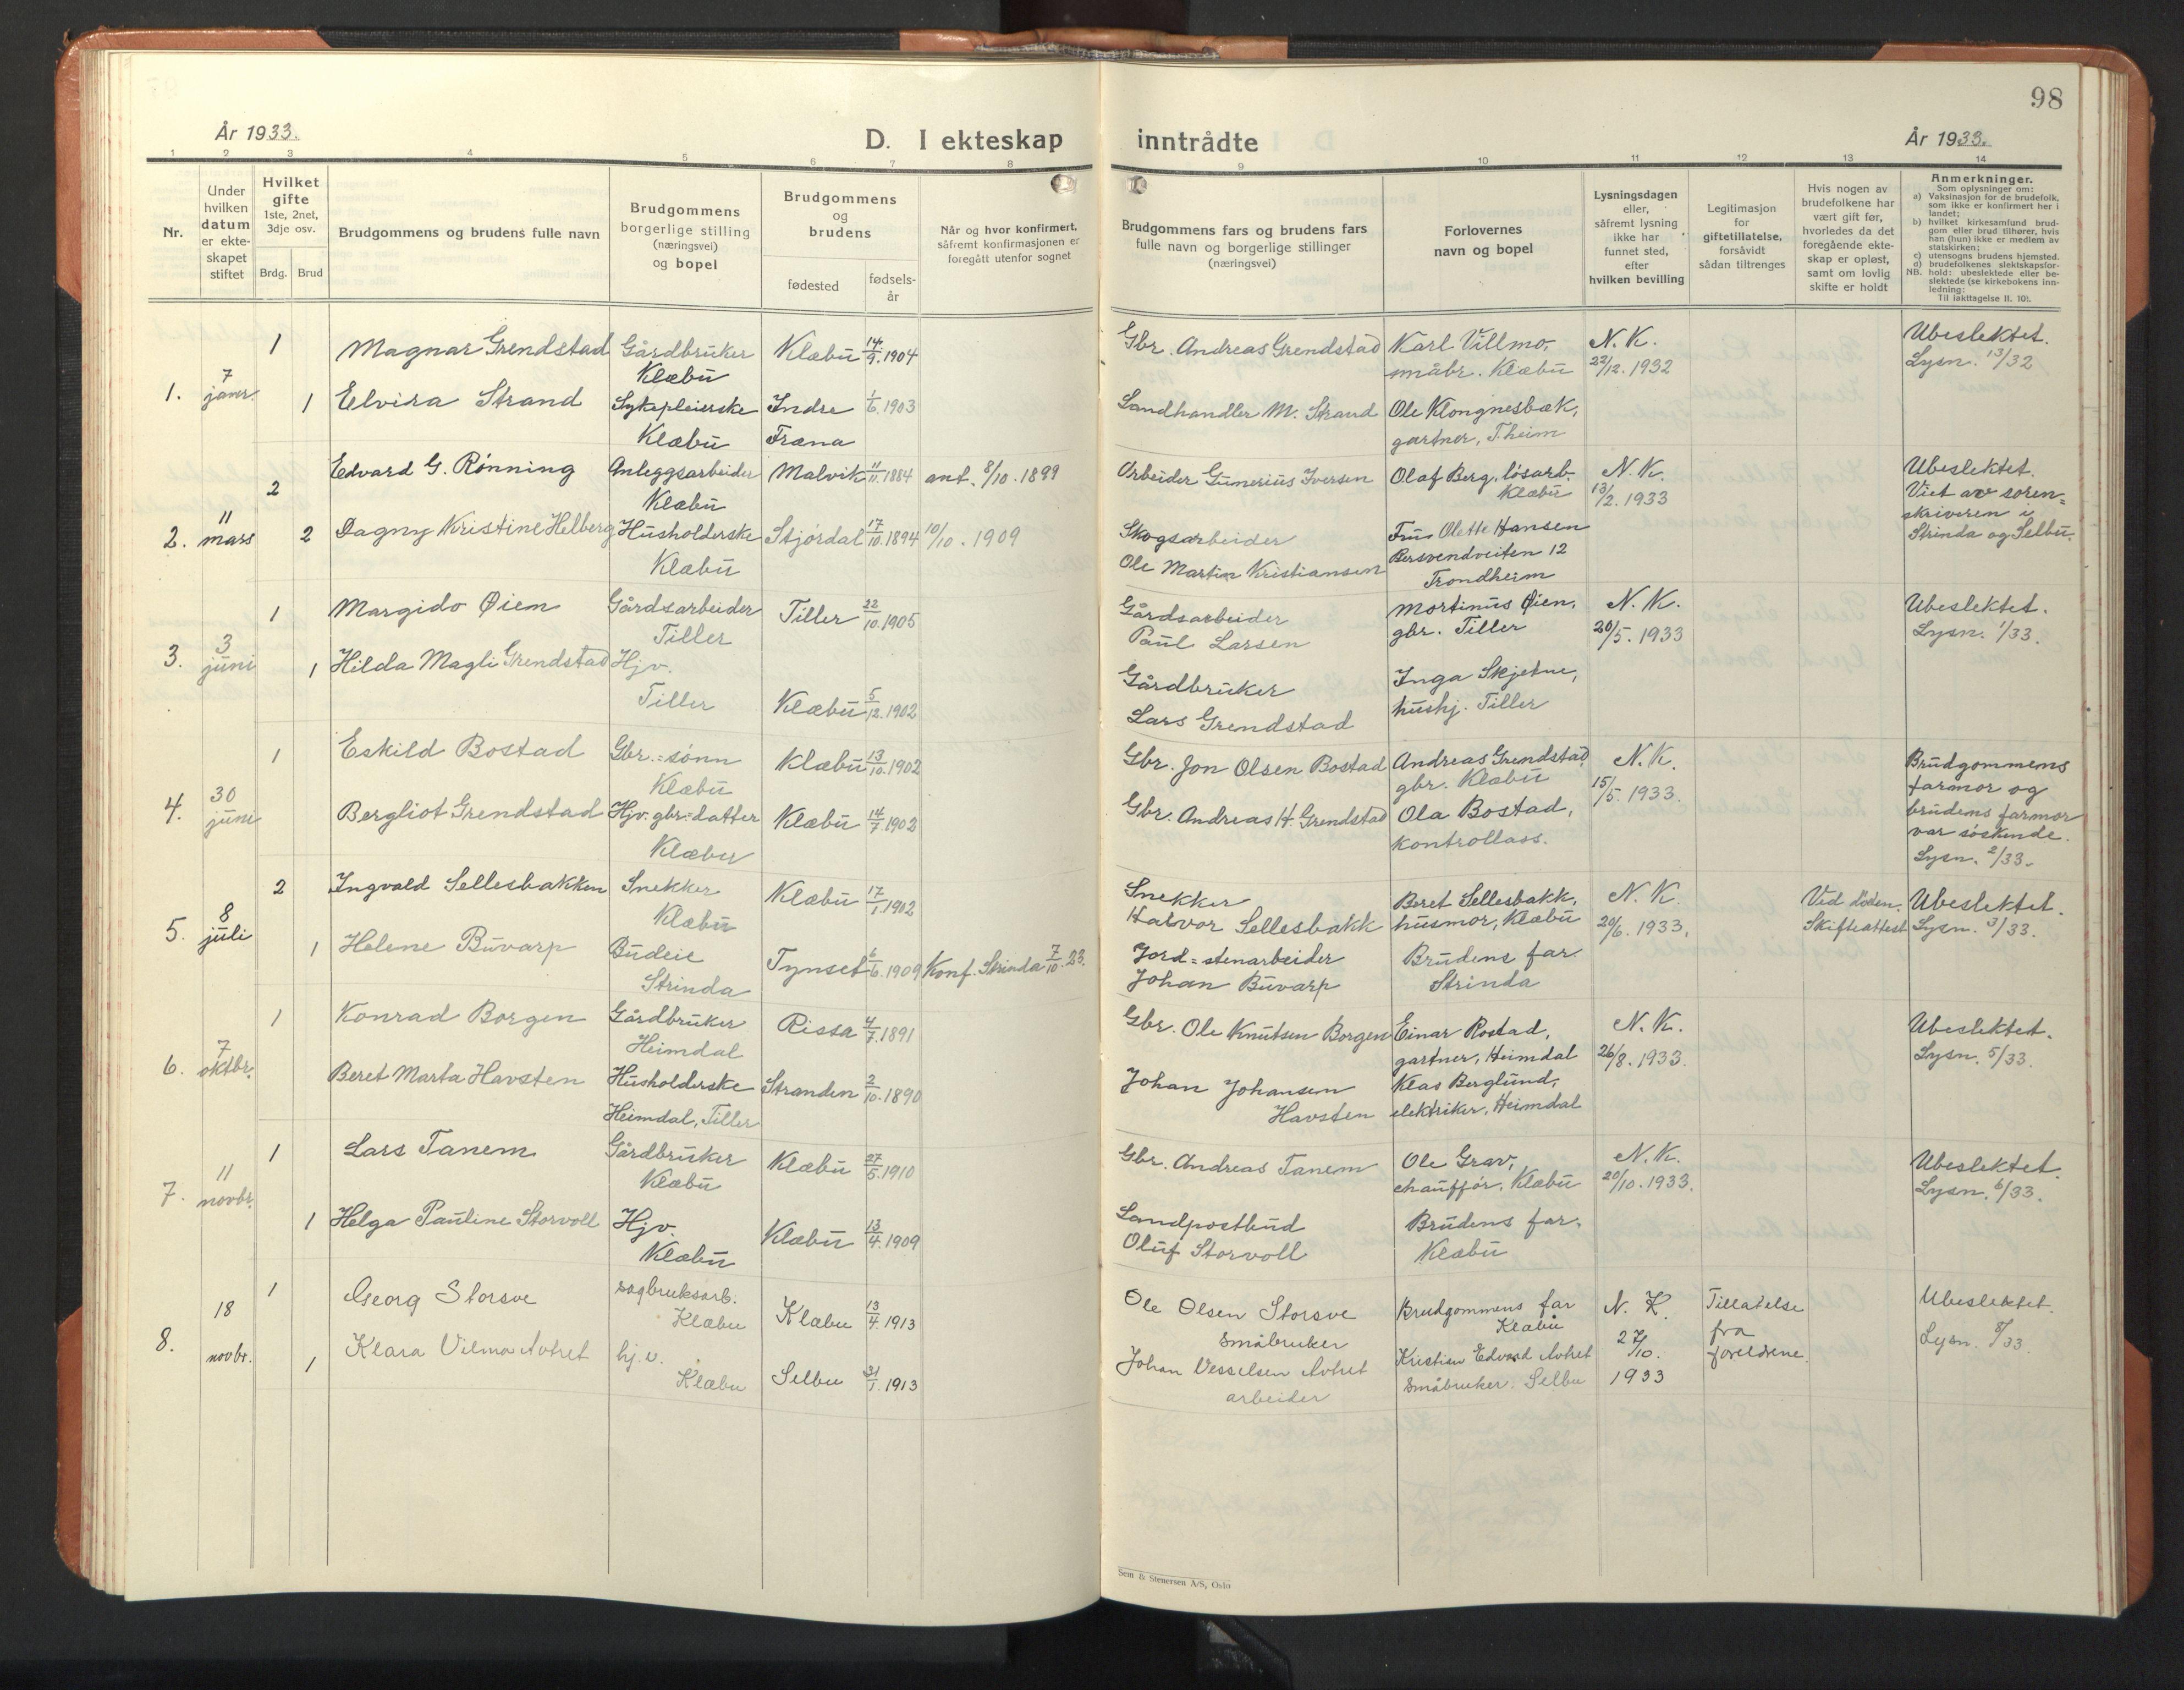 SAT, Ministerialprotokoller, klokkerbøker og fødselsregistre - Sør-Trøndelag, 618/L0454: Klokkerbok nr. 618C05, 1926-1946, s. 98